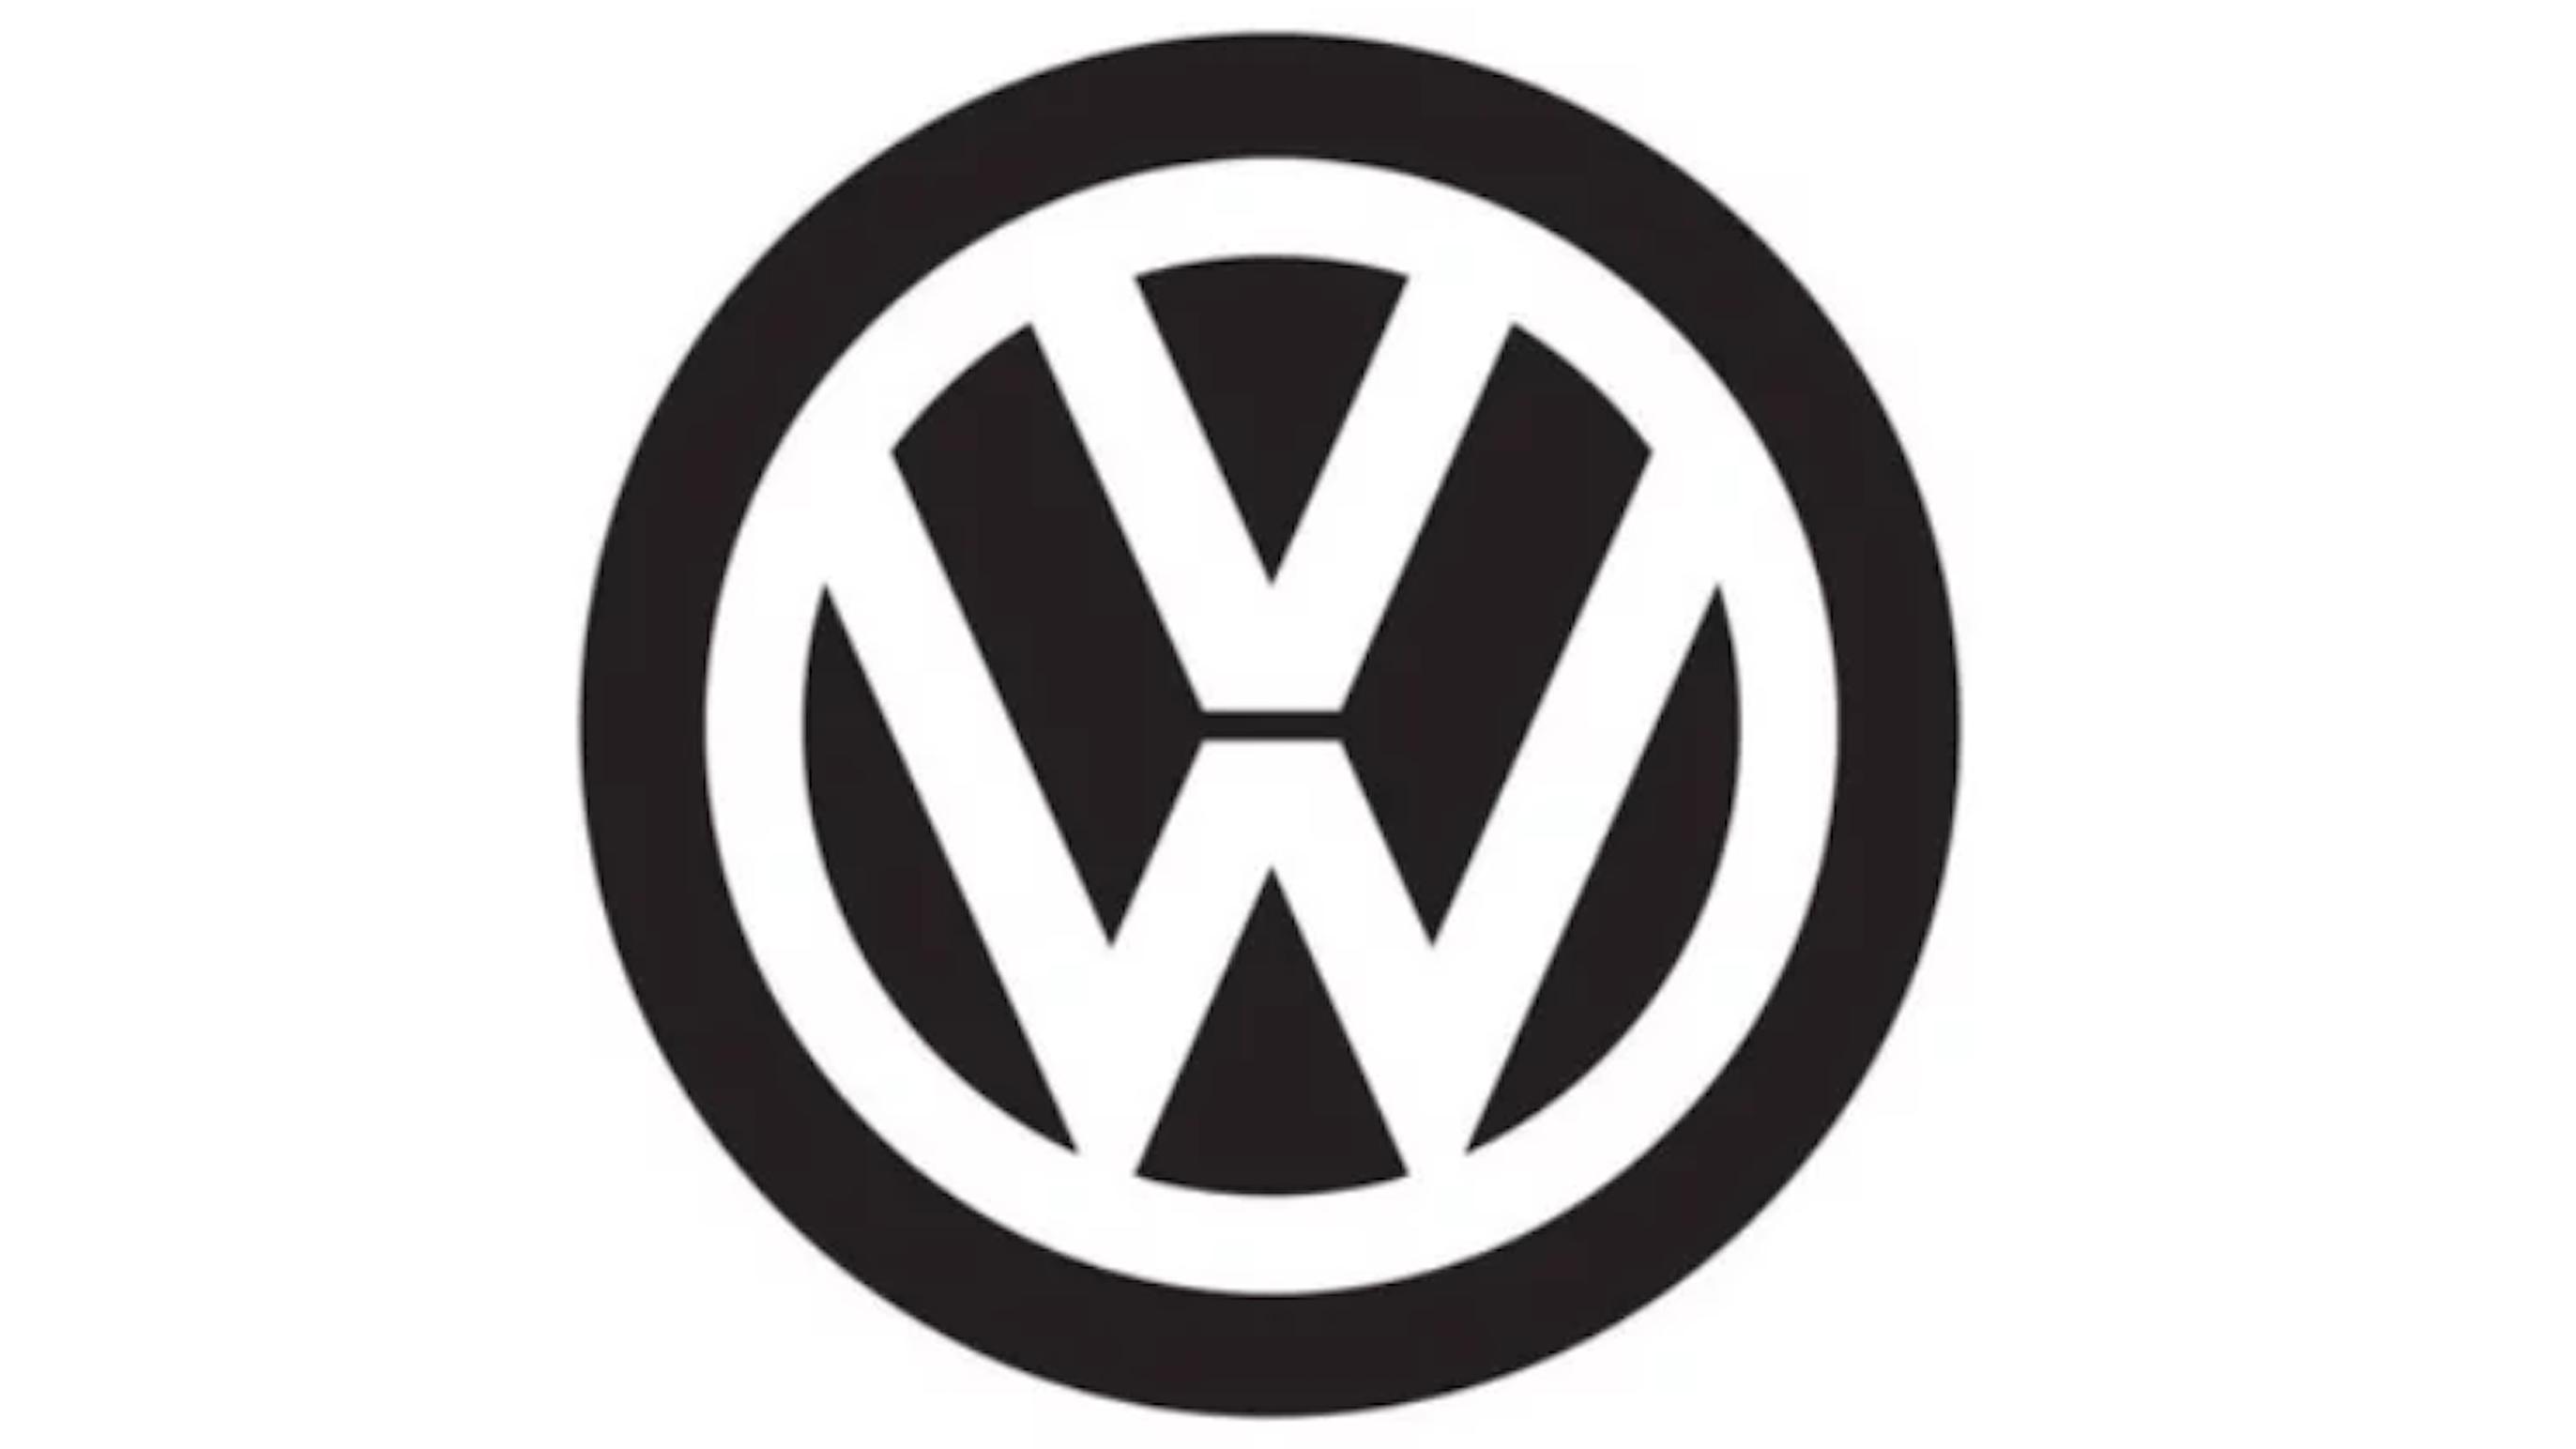 VW symbol